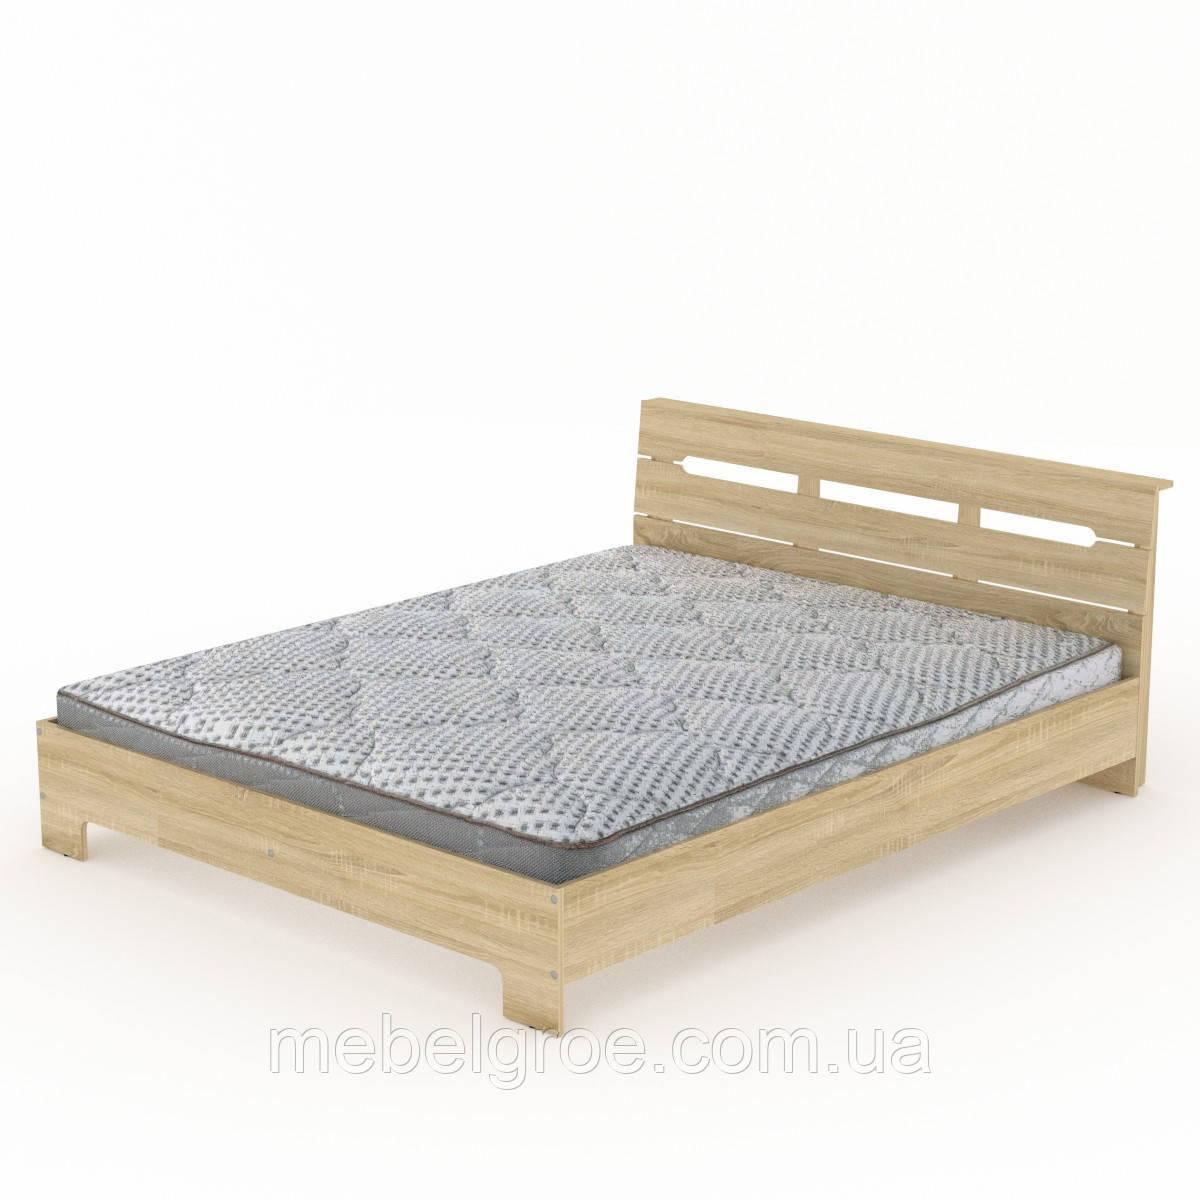 Двуспальная кровать Стиль 160 тм Компанит